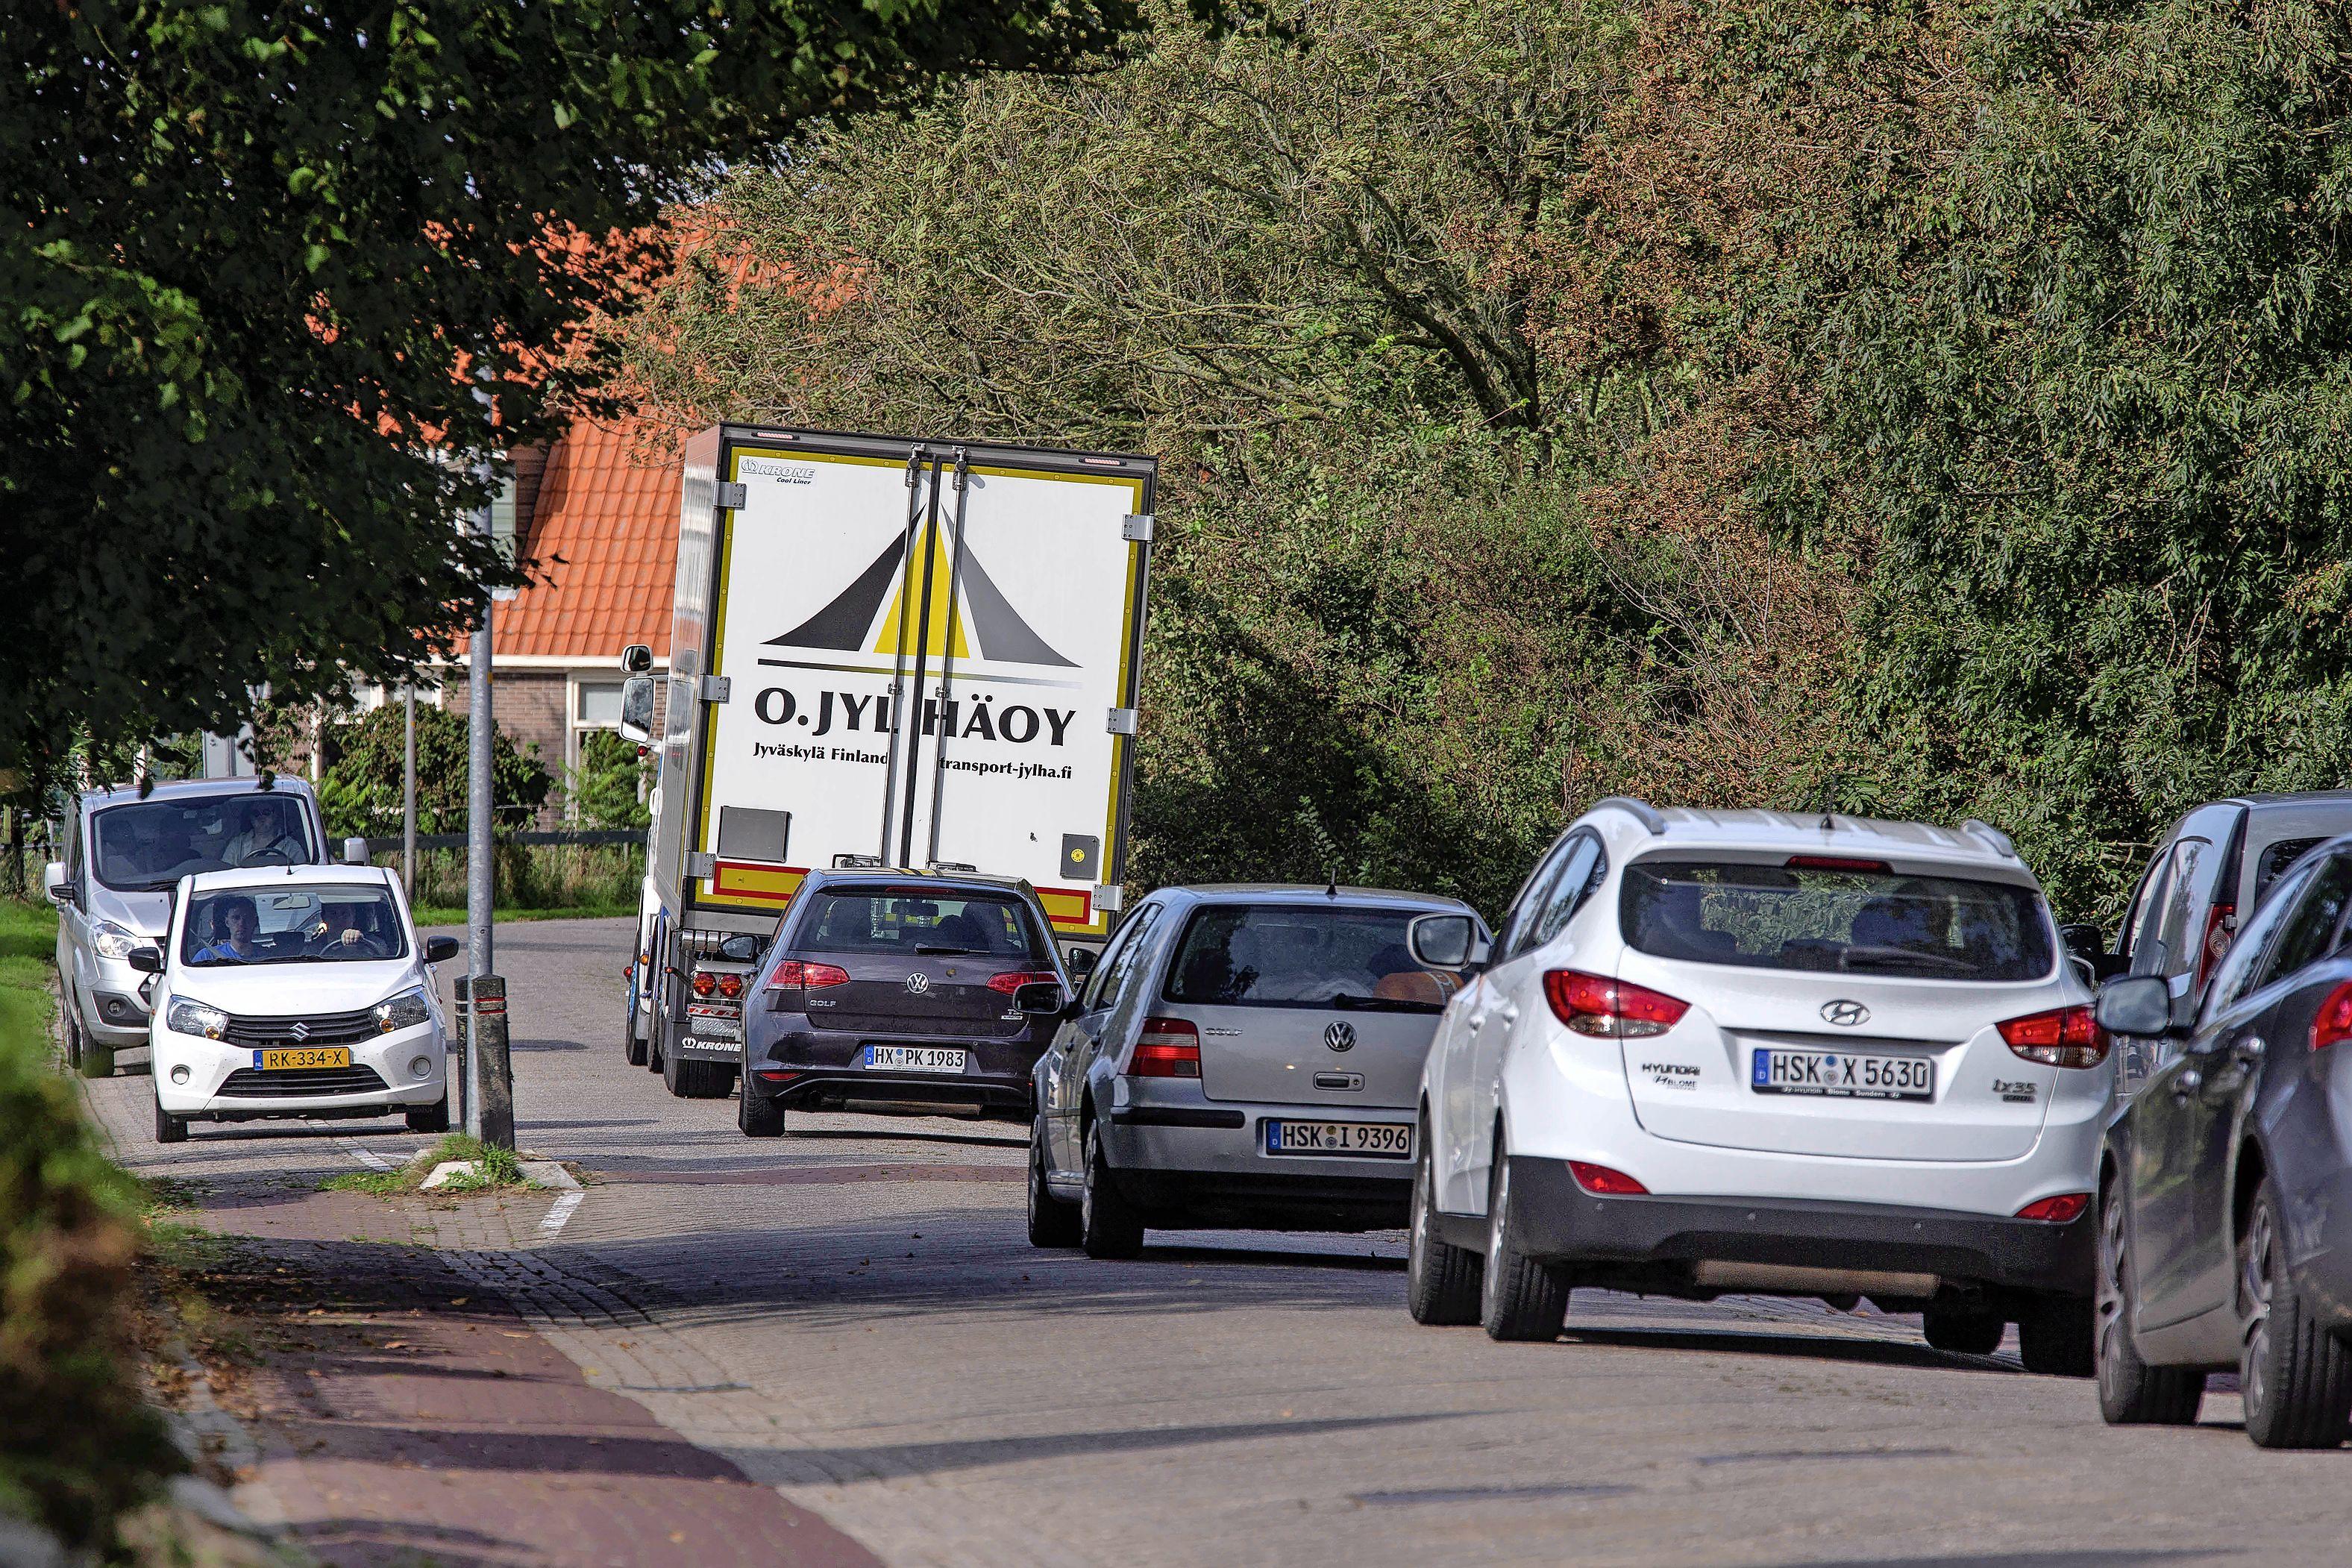 Gemeente wil vrachtwagens weren van sluiproute door Westerland. Binnenkort overleg met gedeputeerde Jeroen Olthof